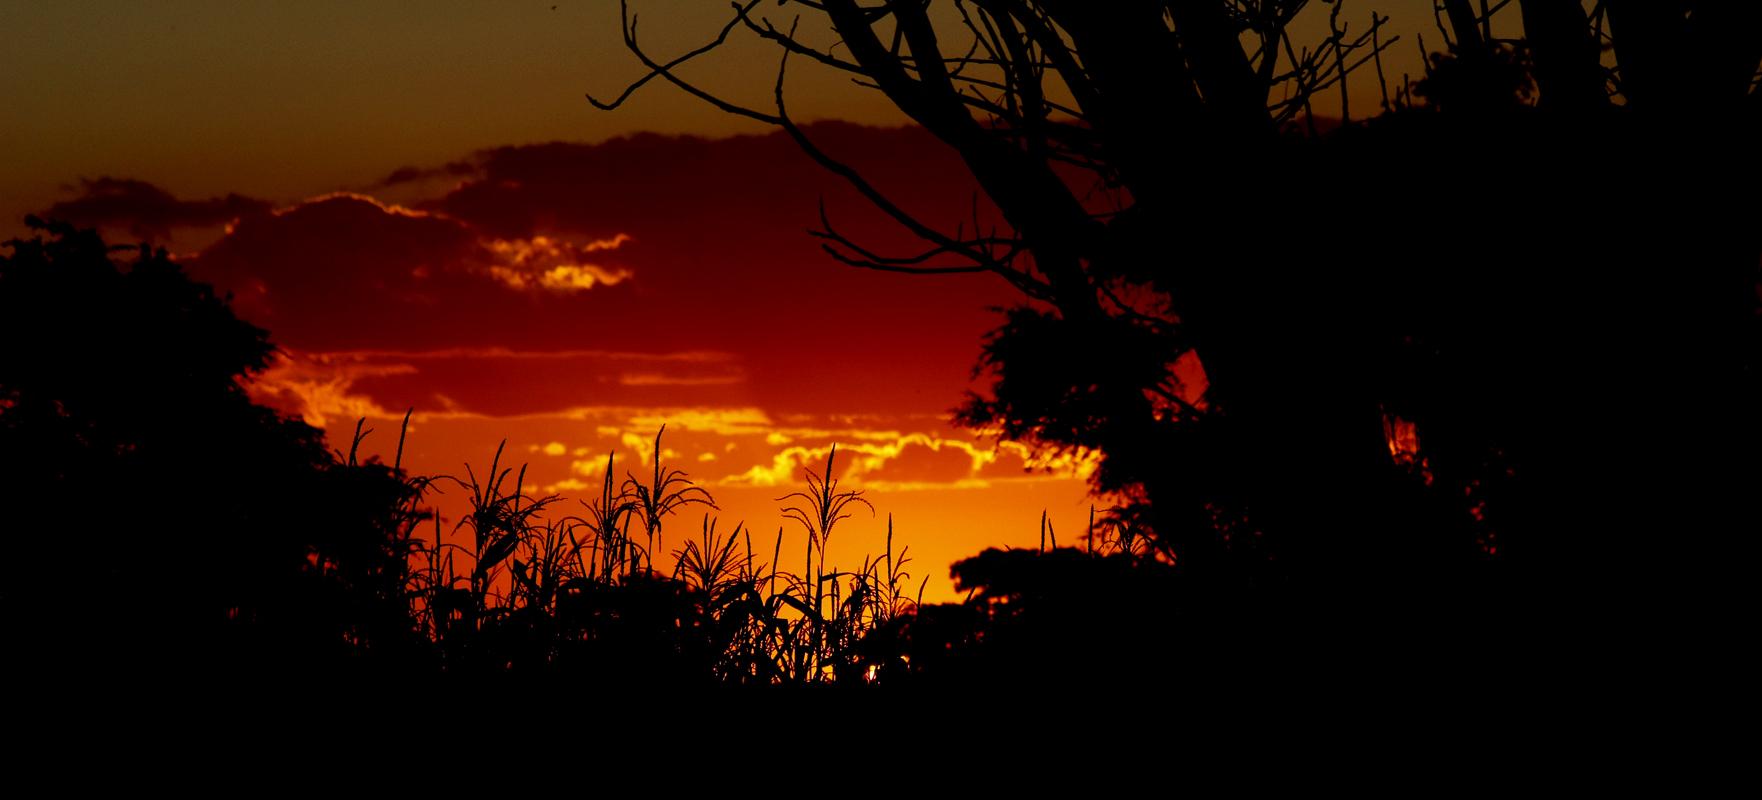 St Kizito, Zambia April 2011